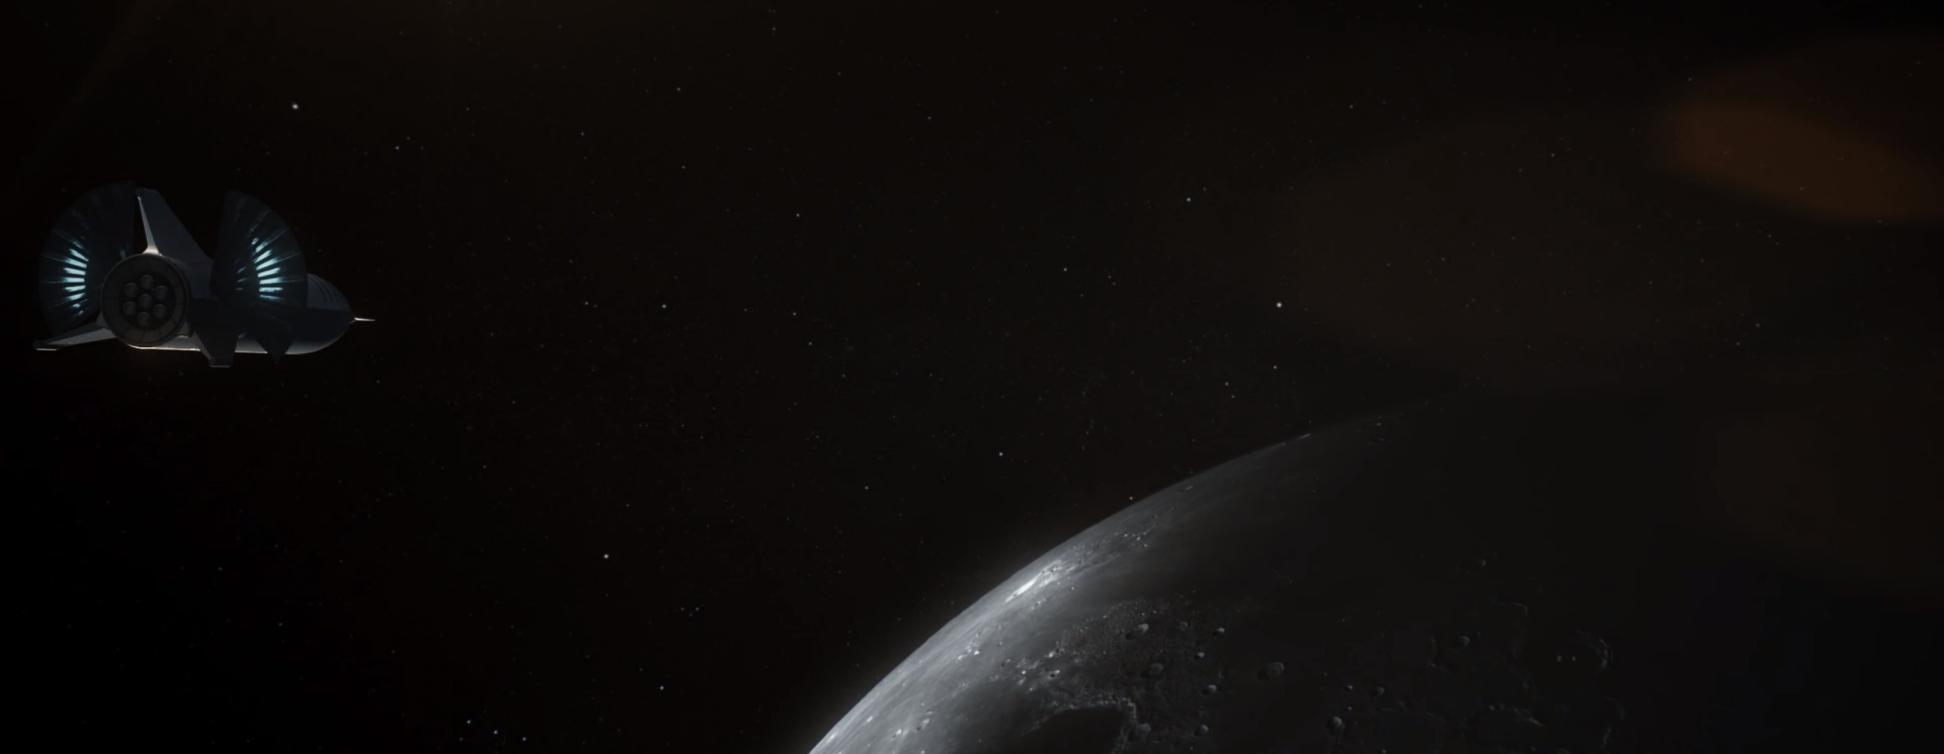 BFR 2018 solar arrays (SpaceX) 3(c)